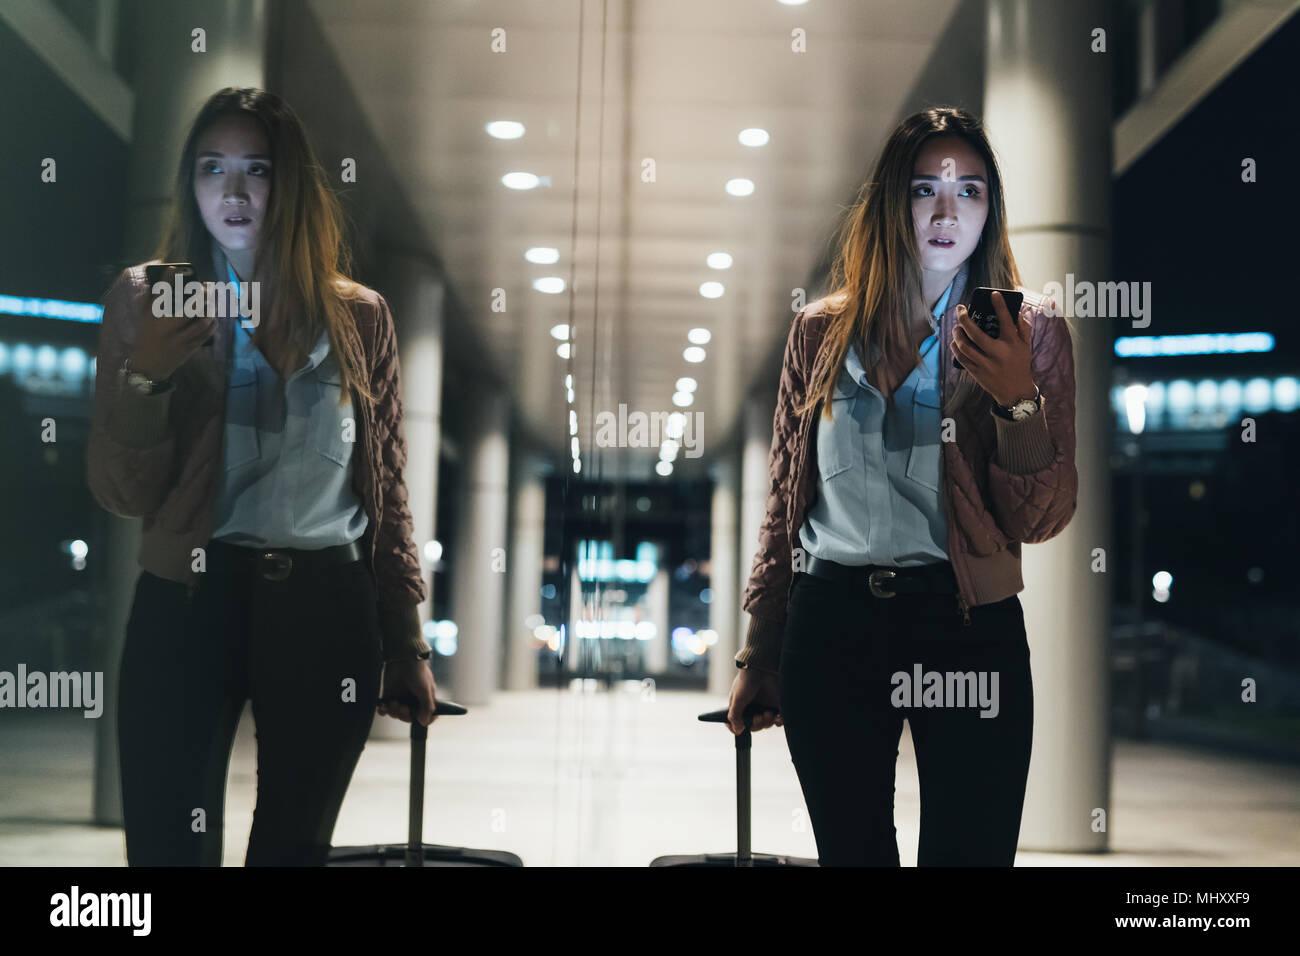 Donna che cammina accanto all edificio moderno di notte, tirando la valigia su ruote, riflessione nella finestra Immagini Stock